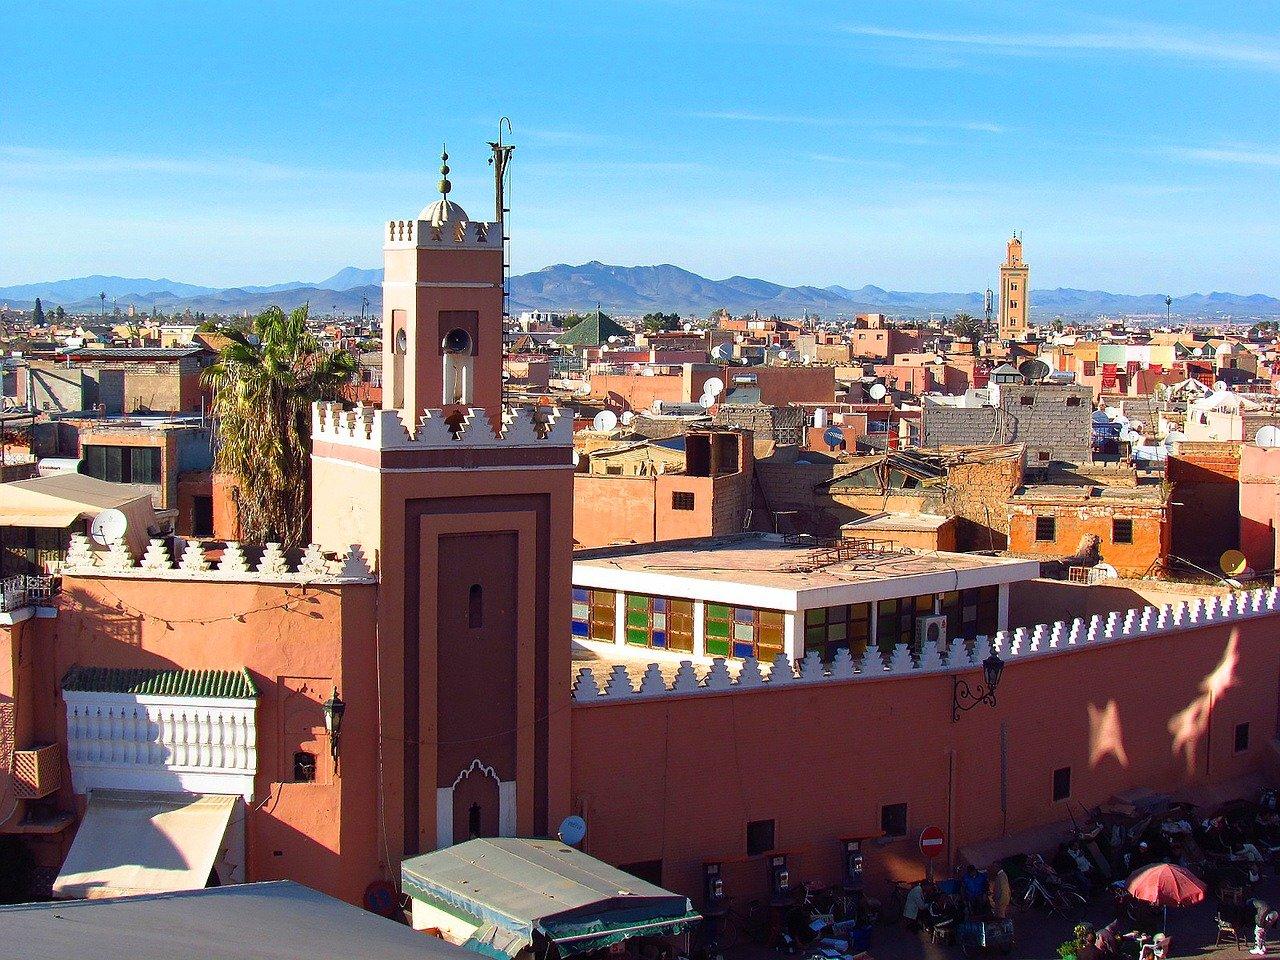 carrousel 3 marrakech-2301133_1280